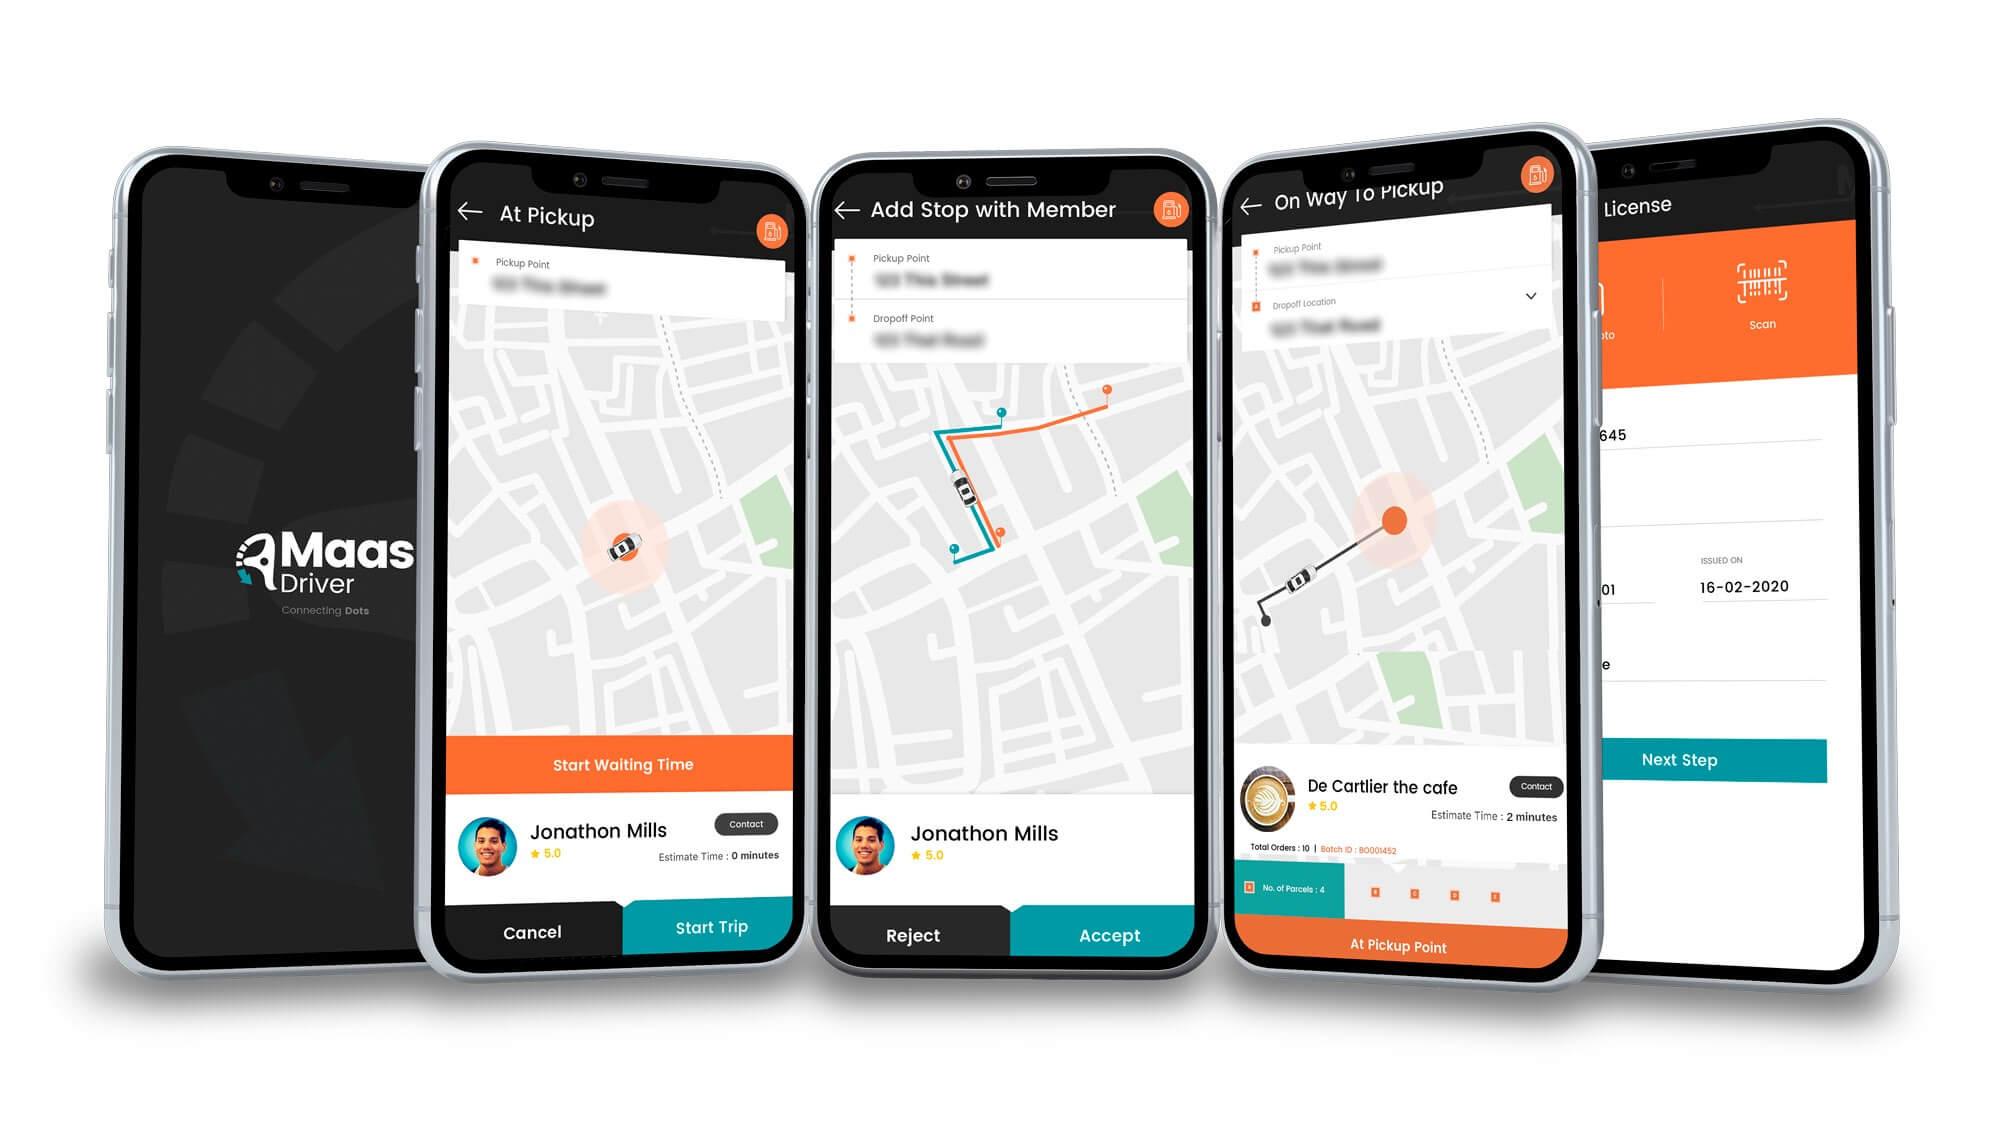 Multiple ZeMaas App Screens